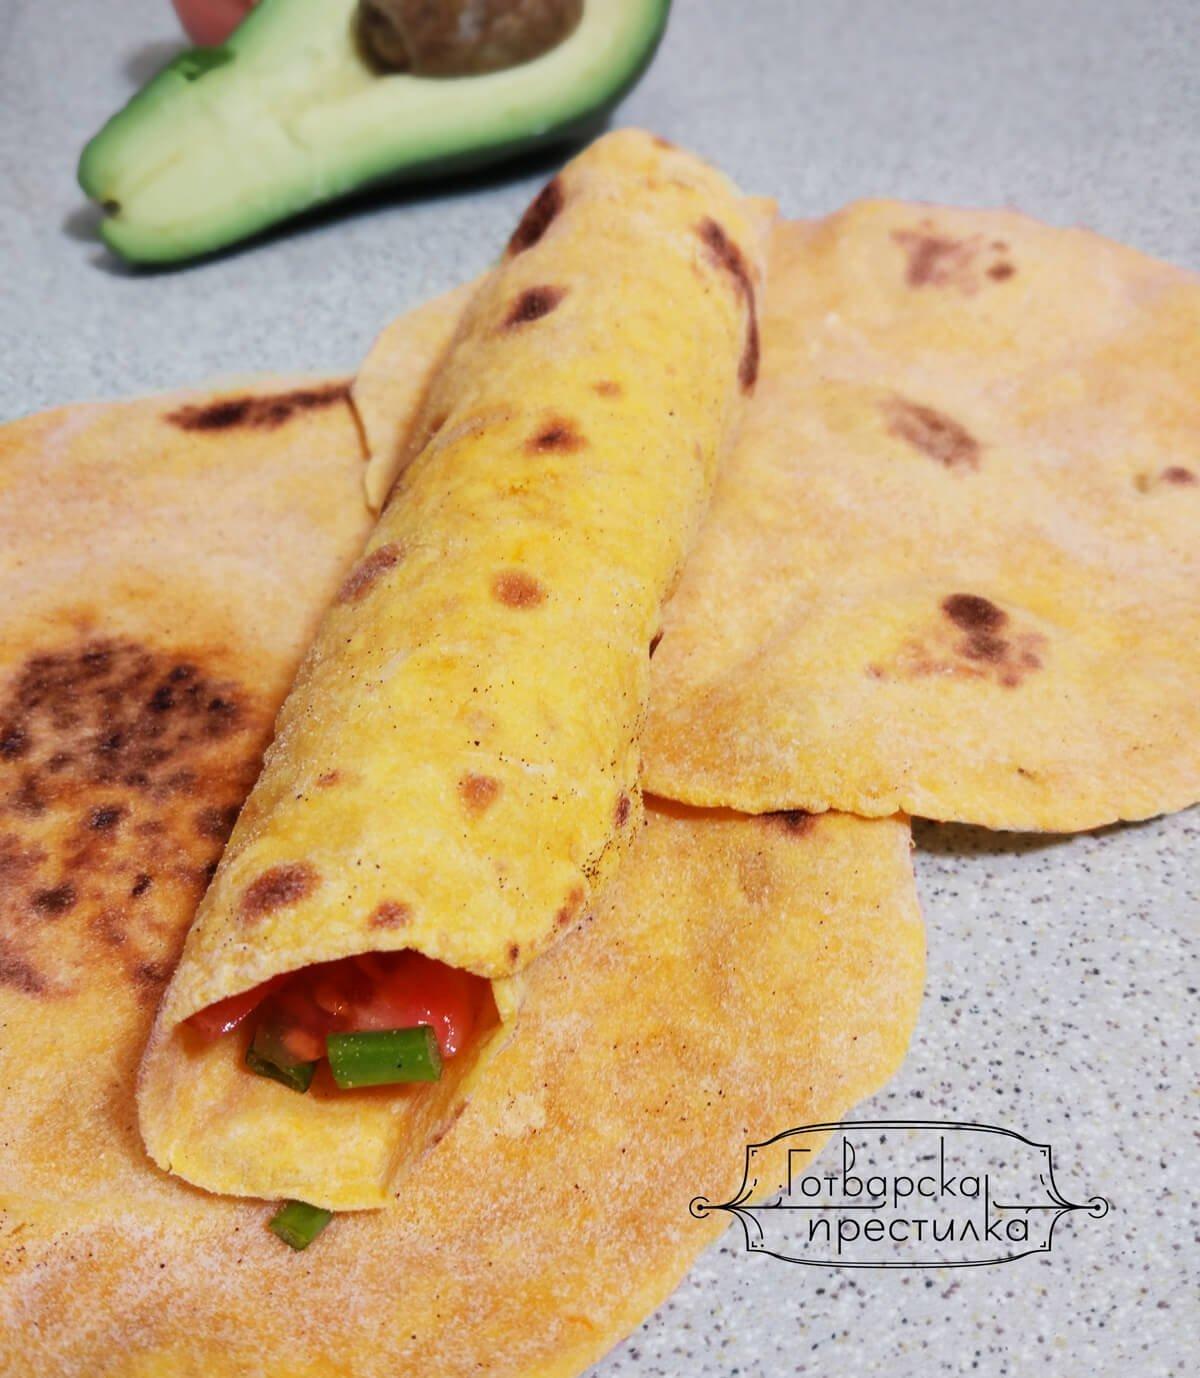 Тортии (Tortilla) от батат